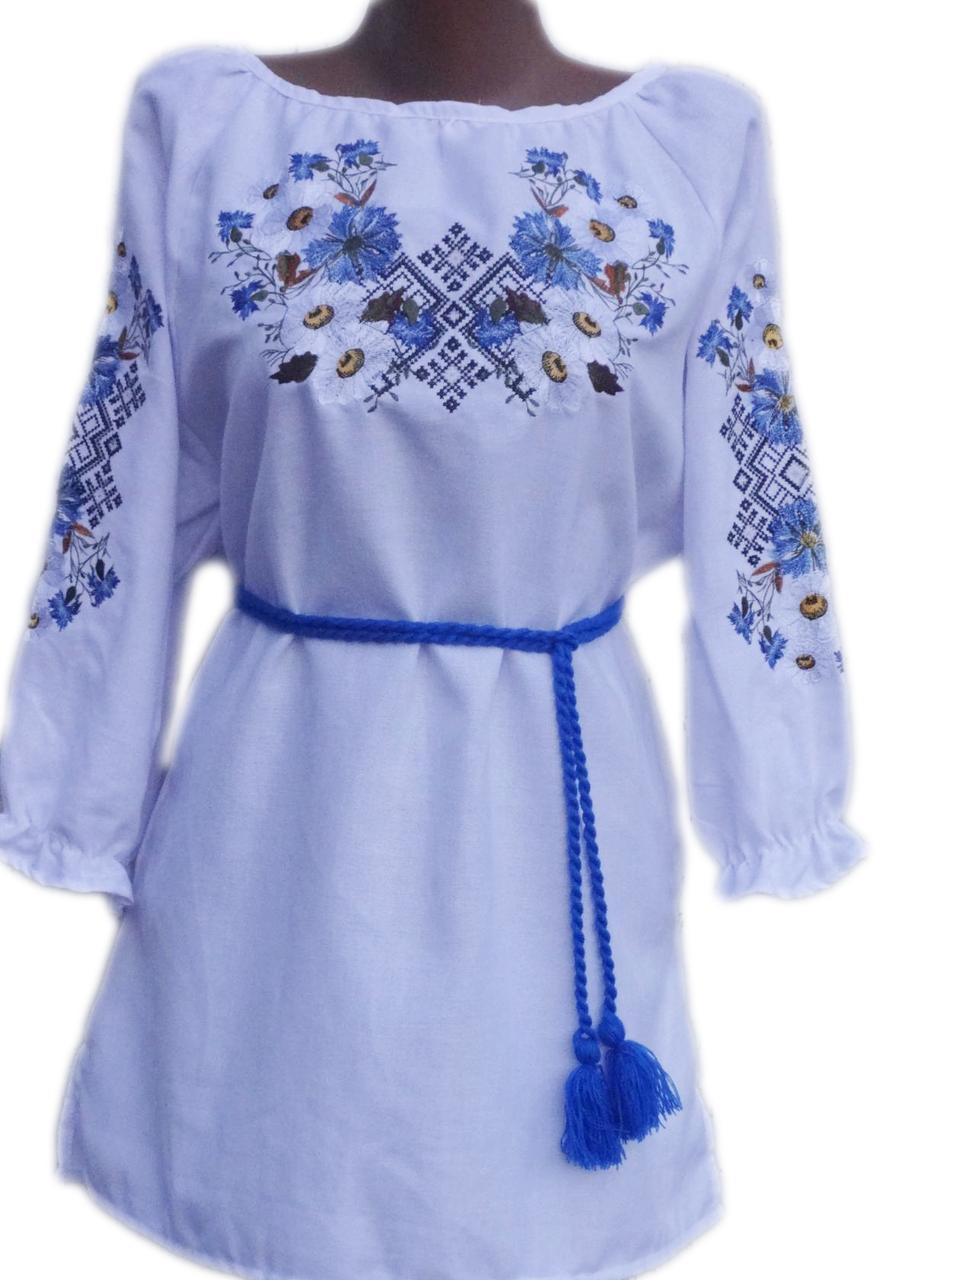 """Жіноча вишита сорочка (блузка) """"Івоні"""" (Женская вышитая рубашка (блузка) """"Ивони"""") BN-0051"""